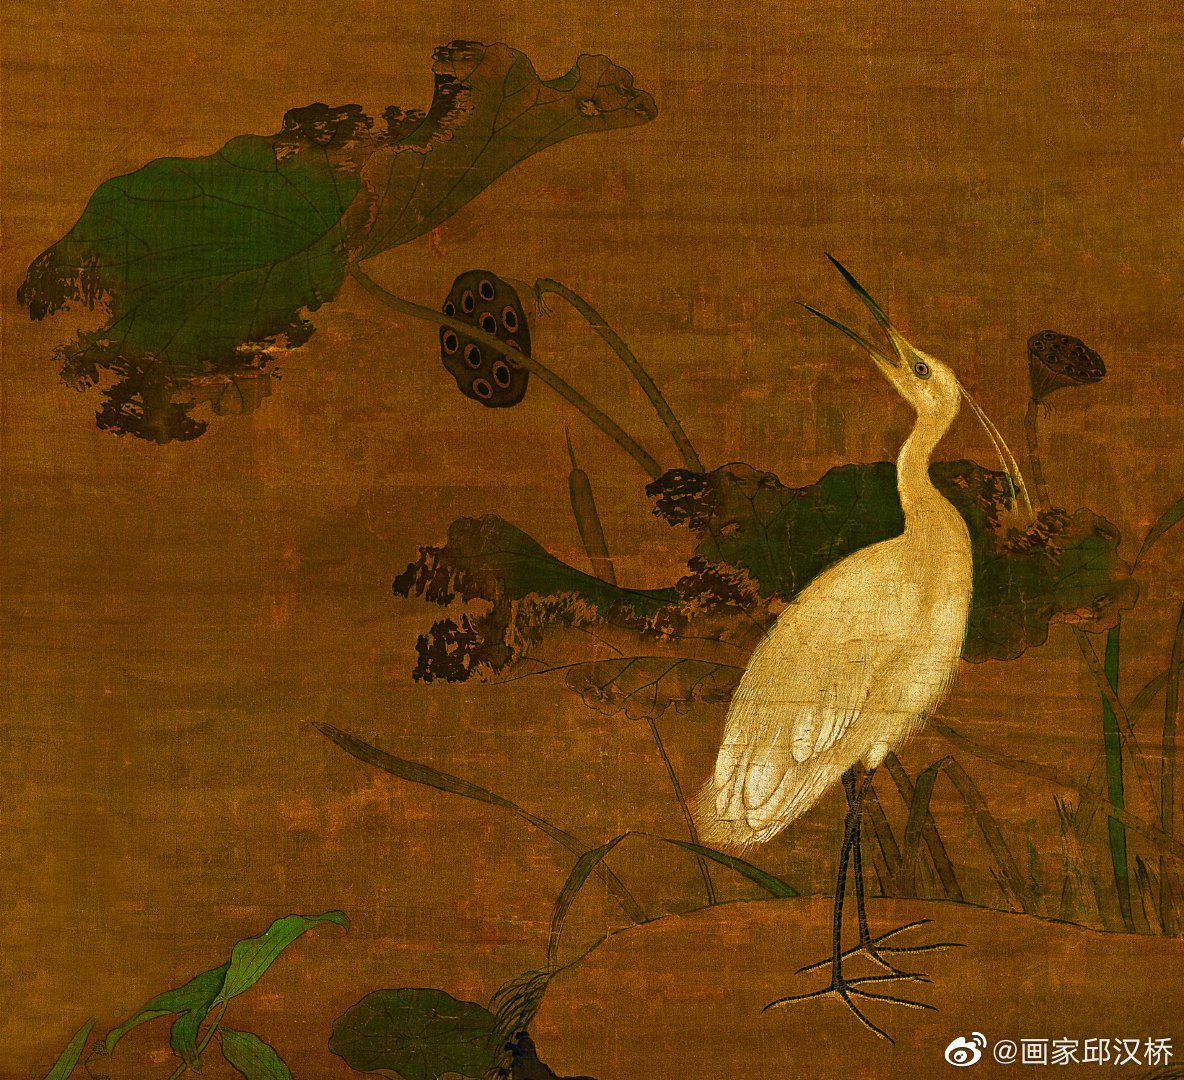 《秋鹭芙蓉图》,明代,吕纪,绢本设色,纵192.6厘米,横111.9